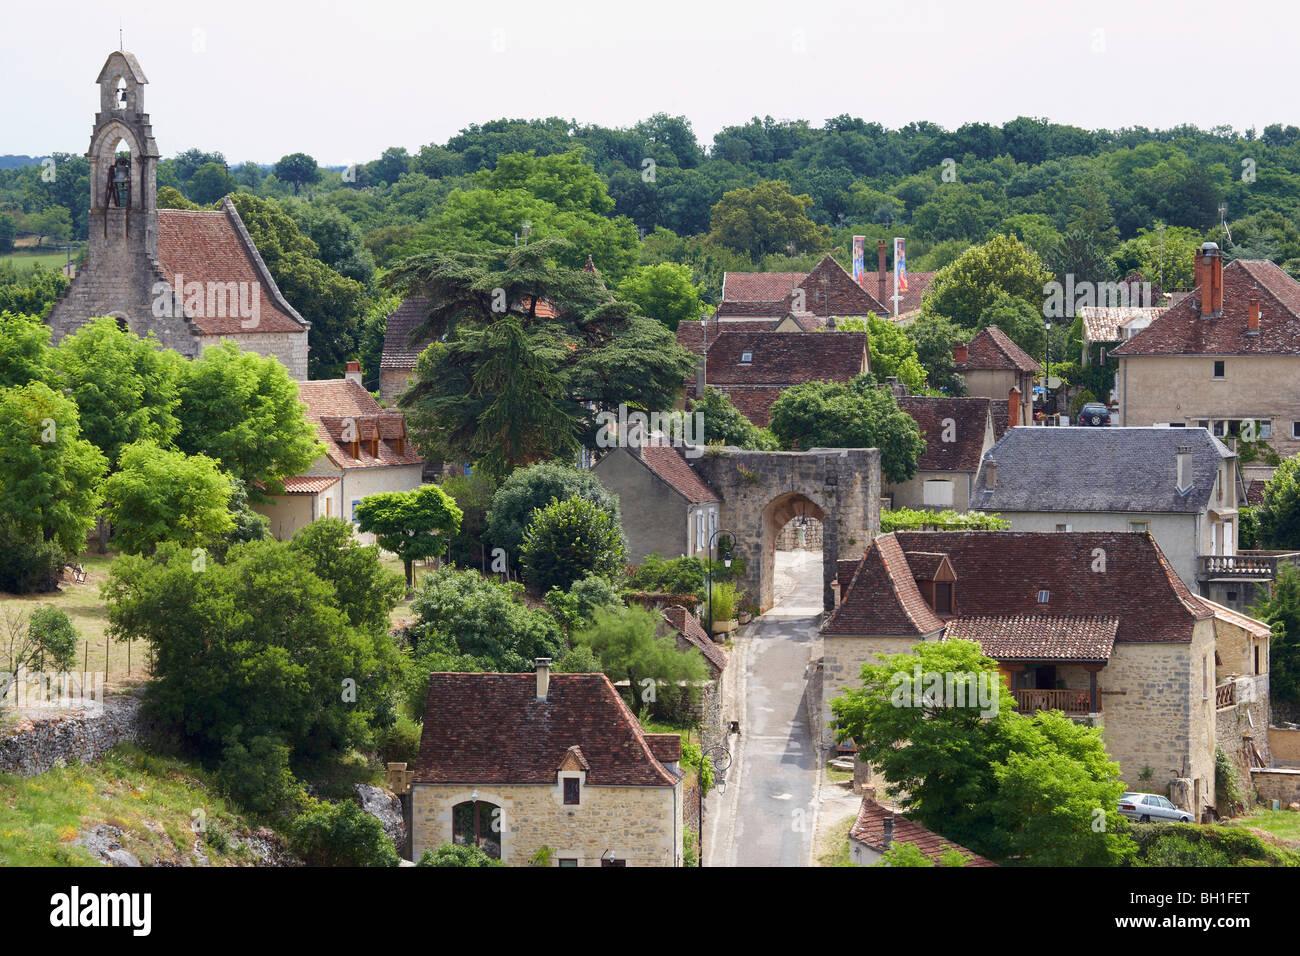 View of Hospitalet near Rocamadour, The Way of St. James, Chemins de Saint-Jacques, Via Podiensis, Dept. Lot, Région - Stock Image